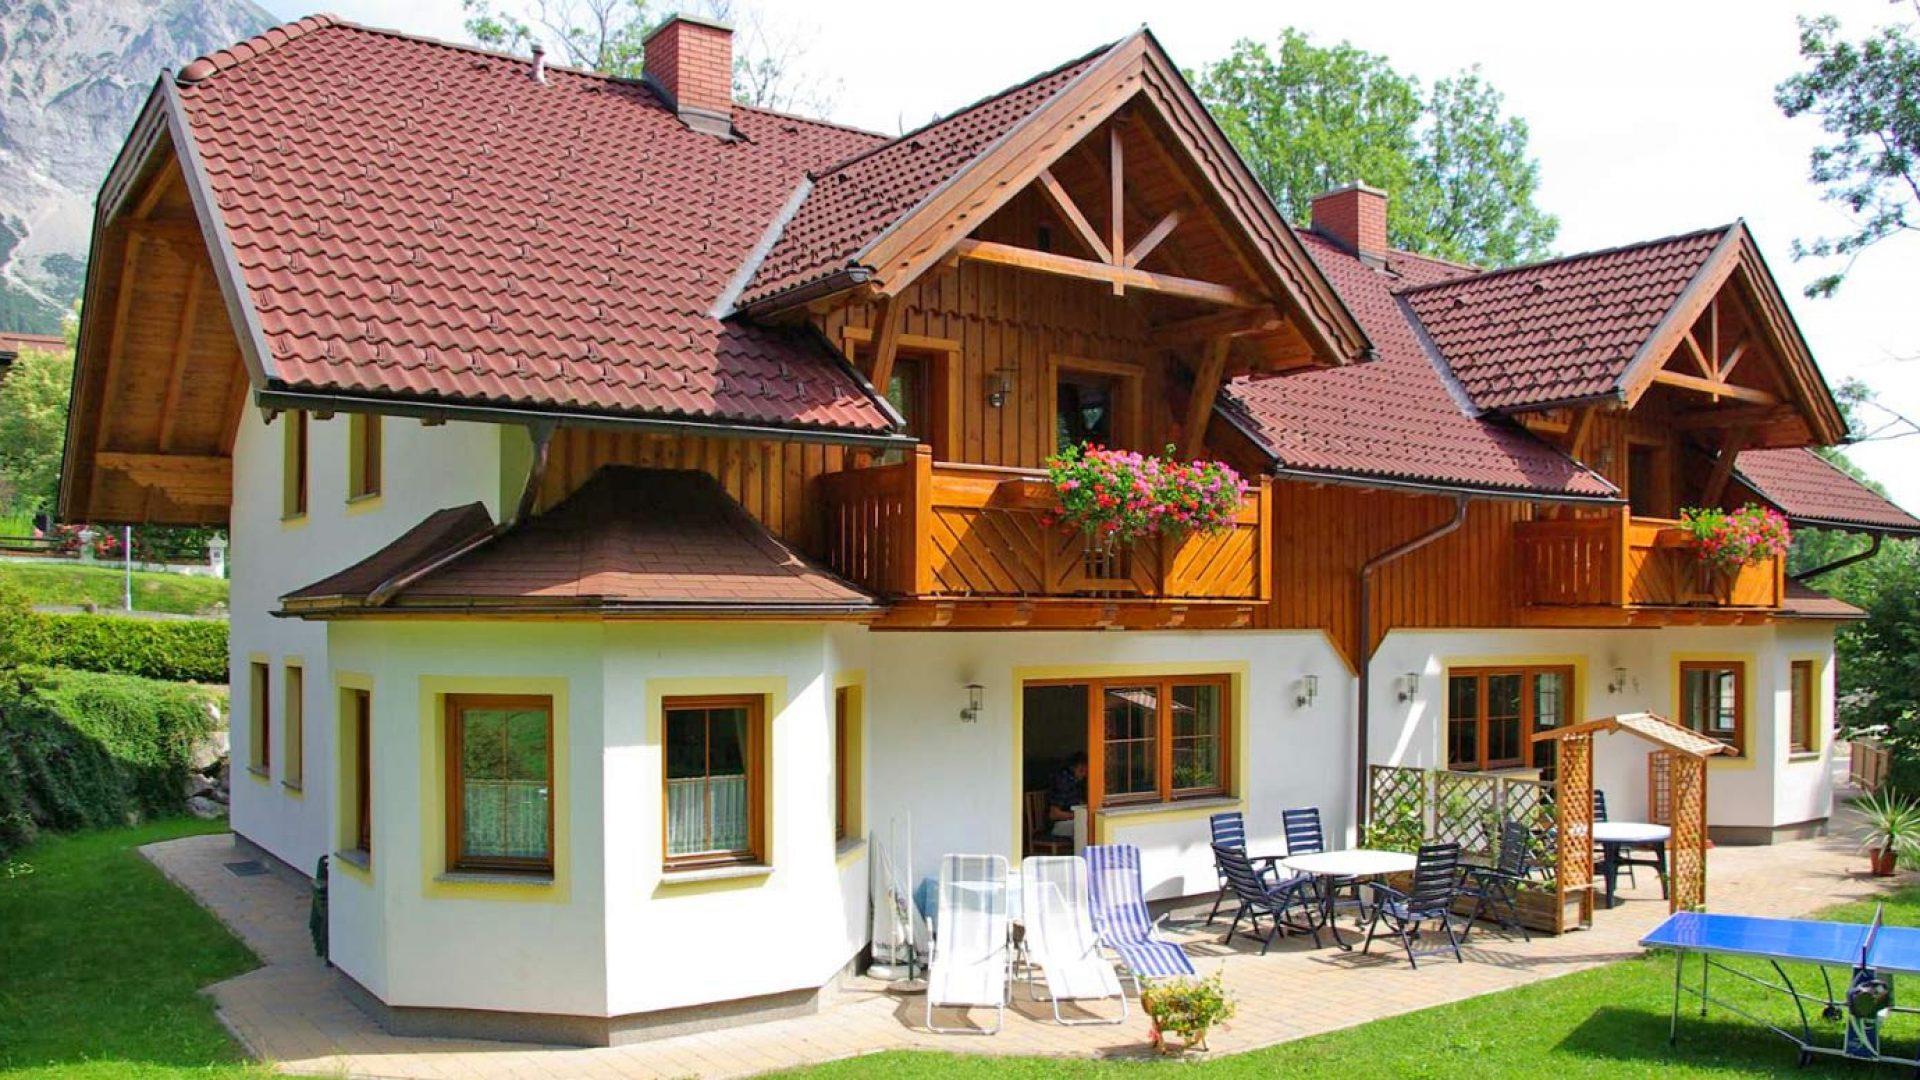 Das Ferienhaus Reinbacher mit seinem schönen Garten